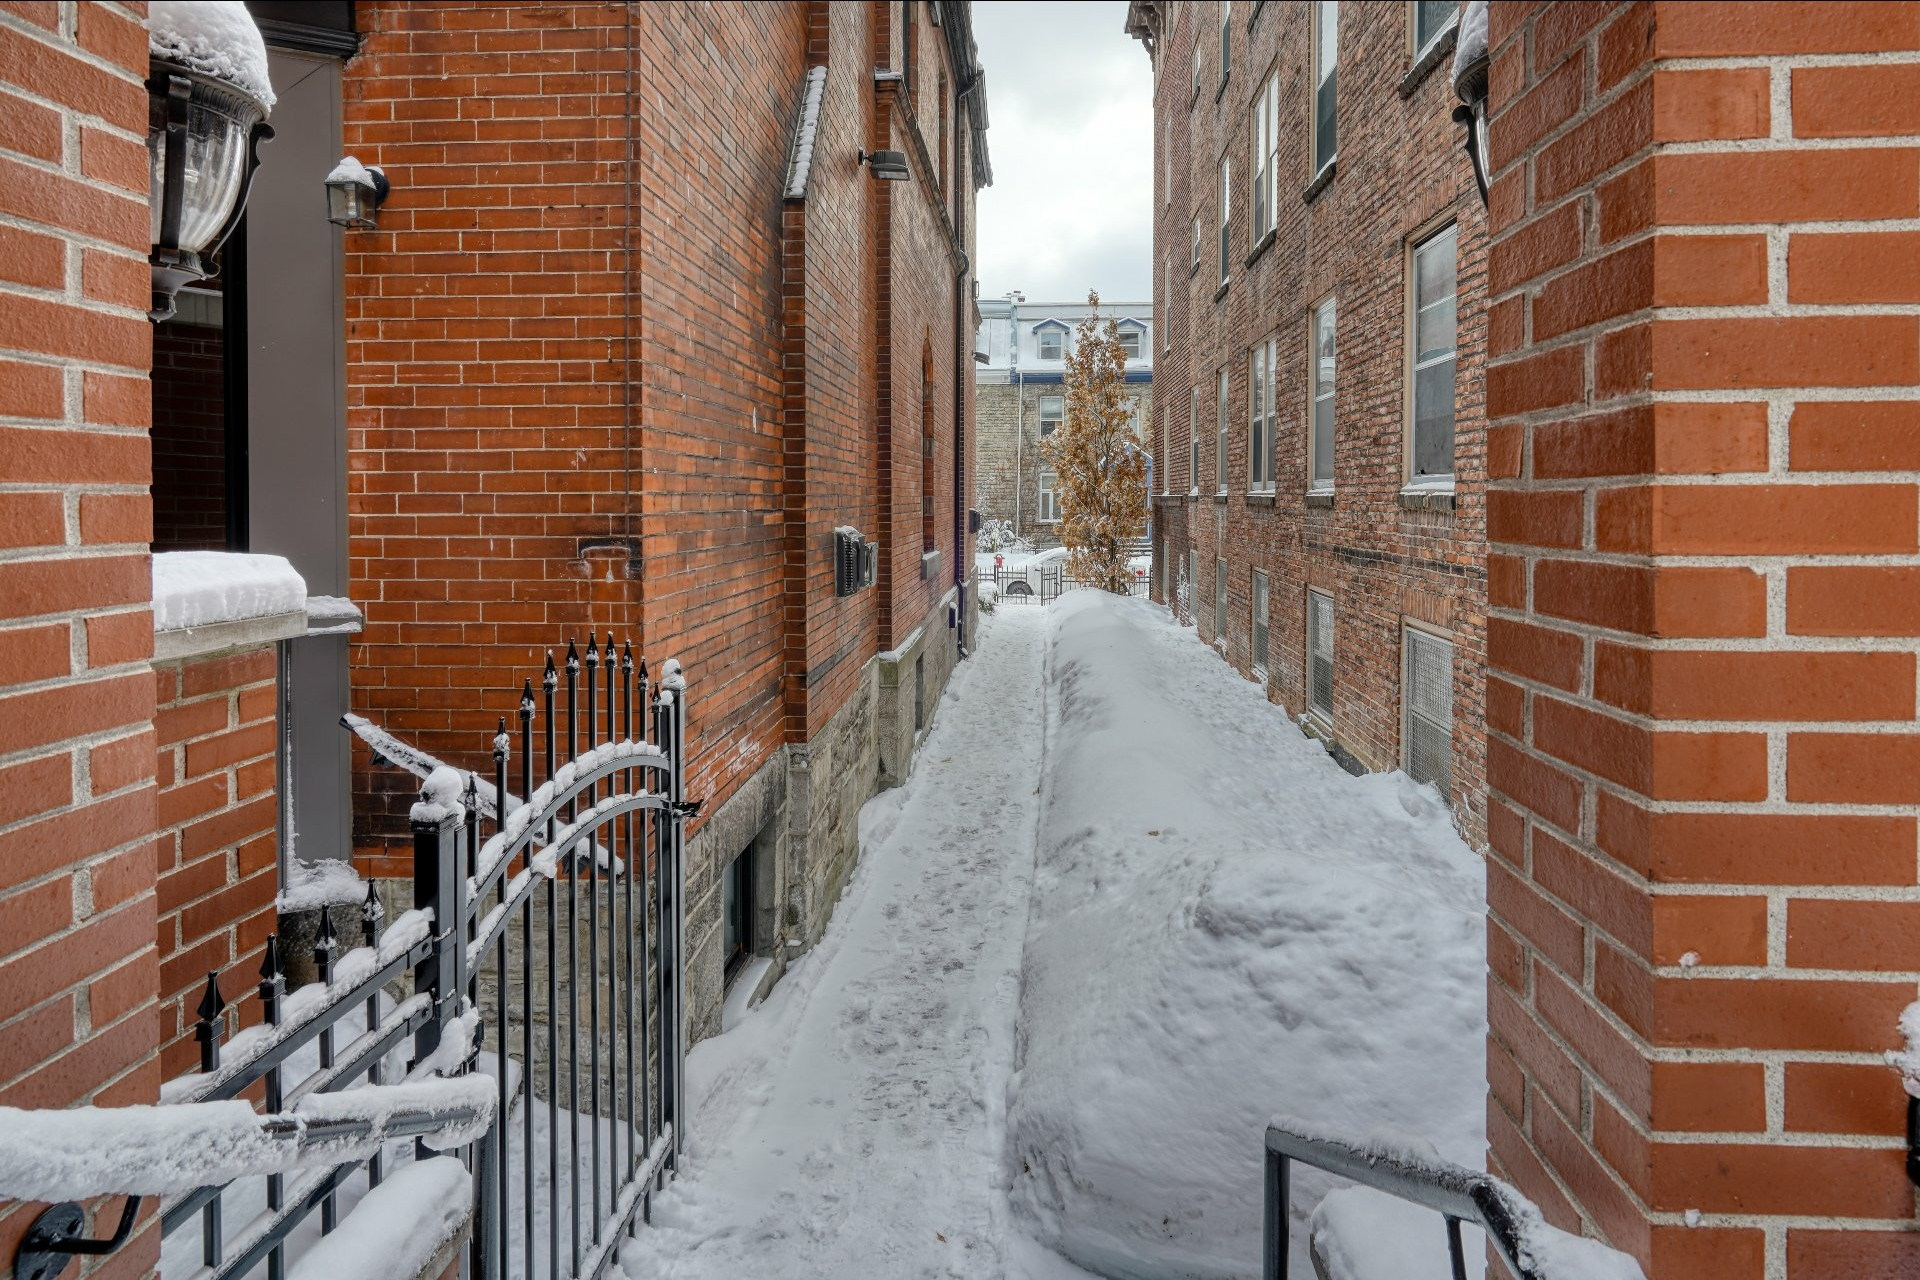 image 22 - Appartement À vendre Le Plateau-Mont-Royal Montréal  - 3 pièces